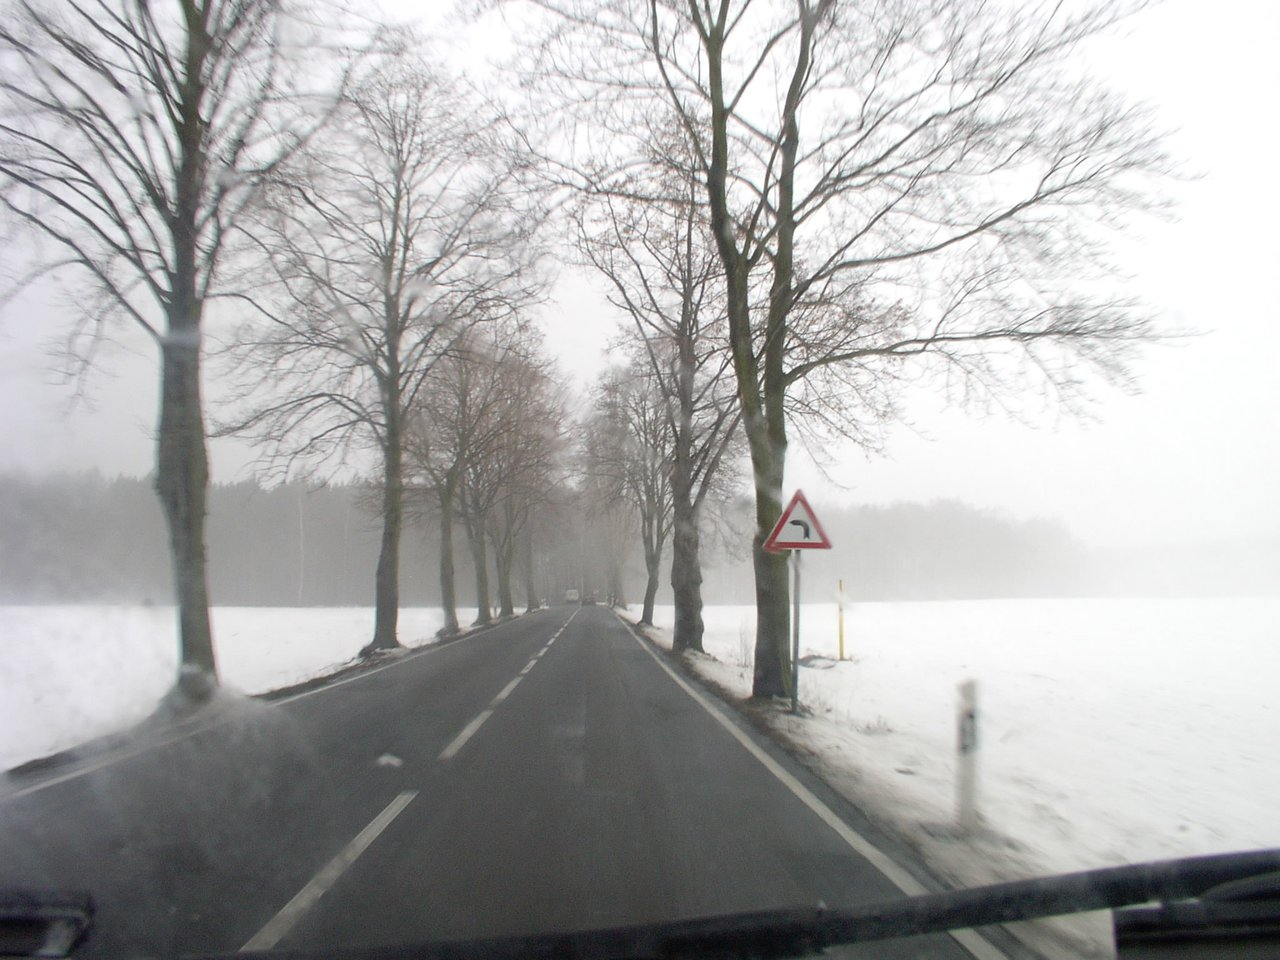 Left turn ahead